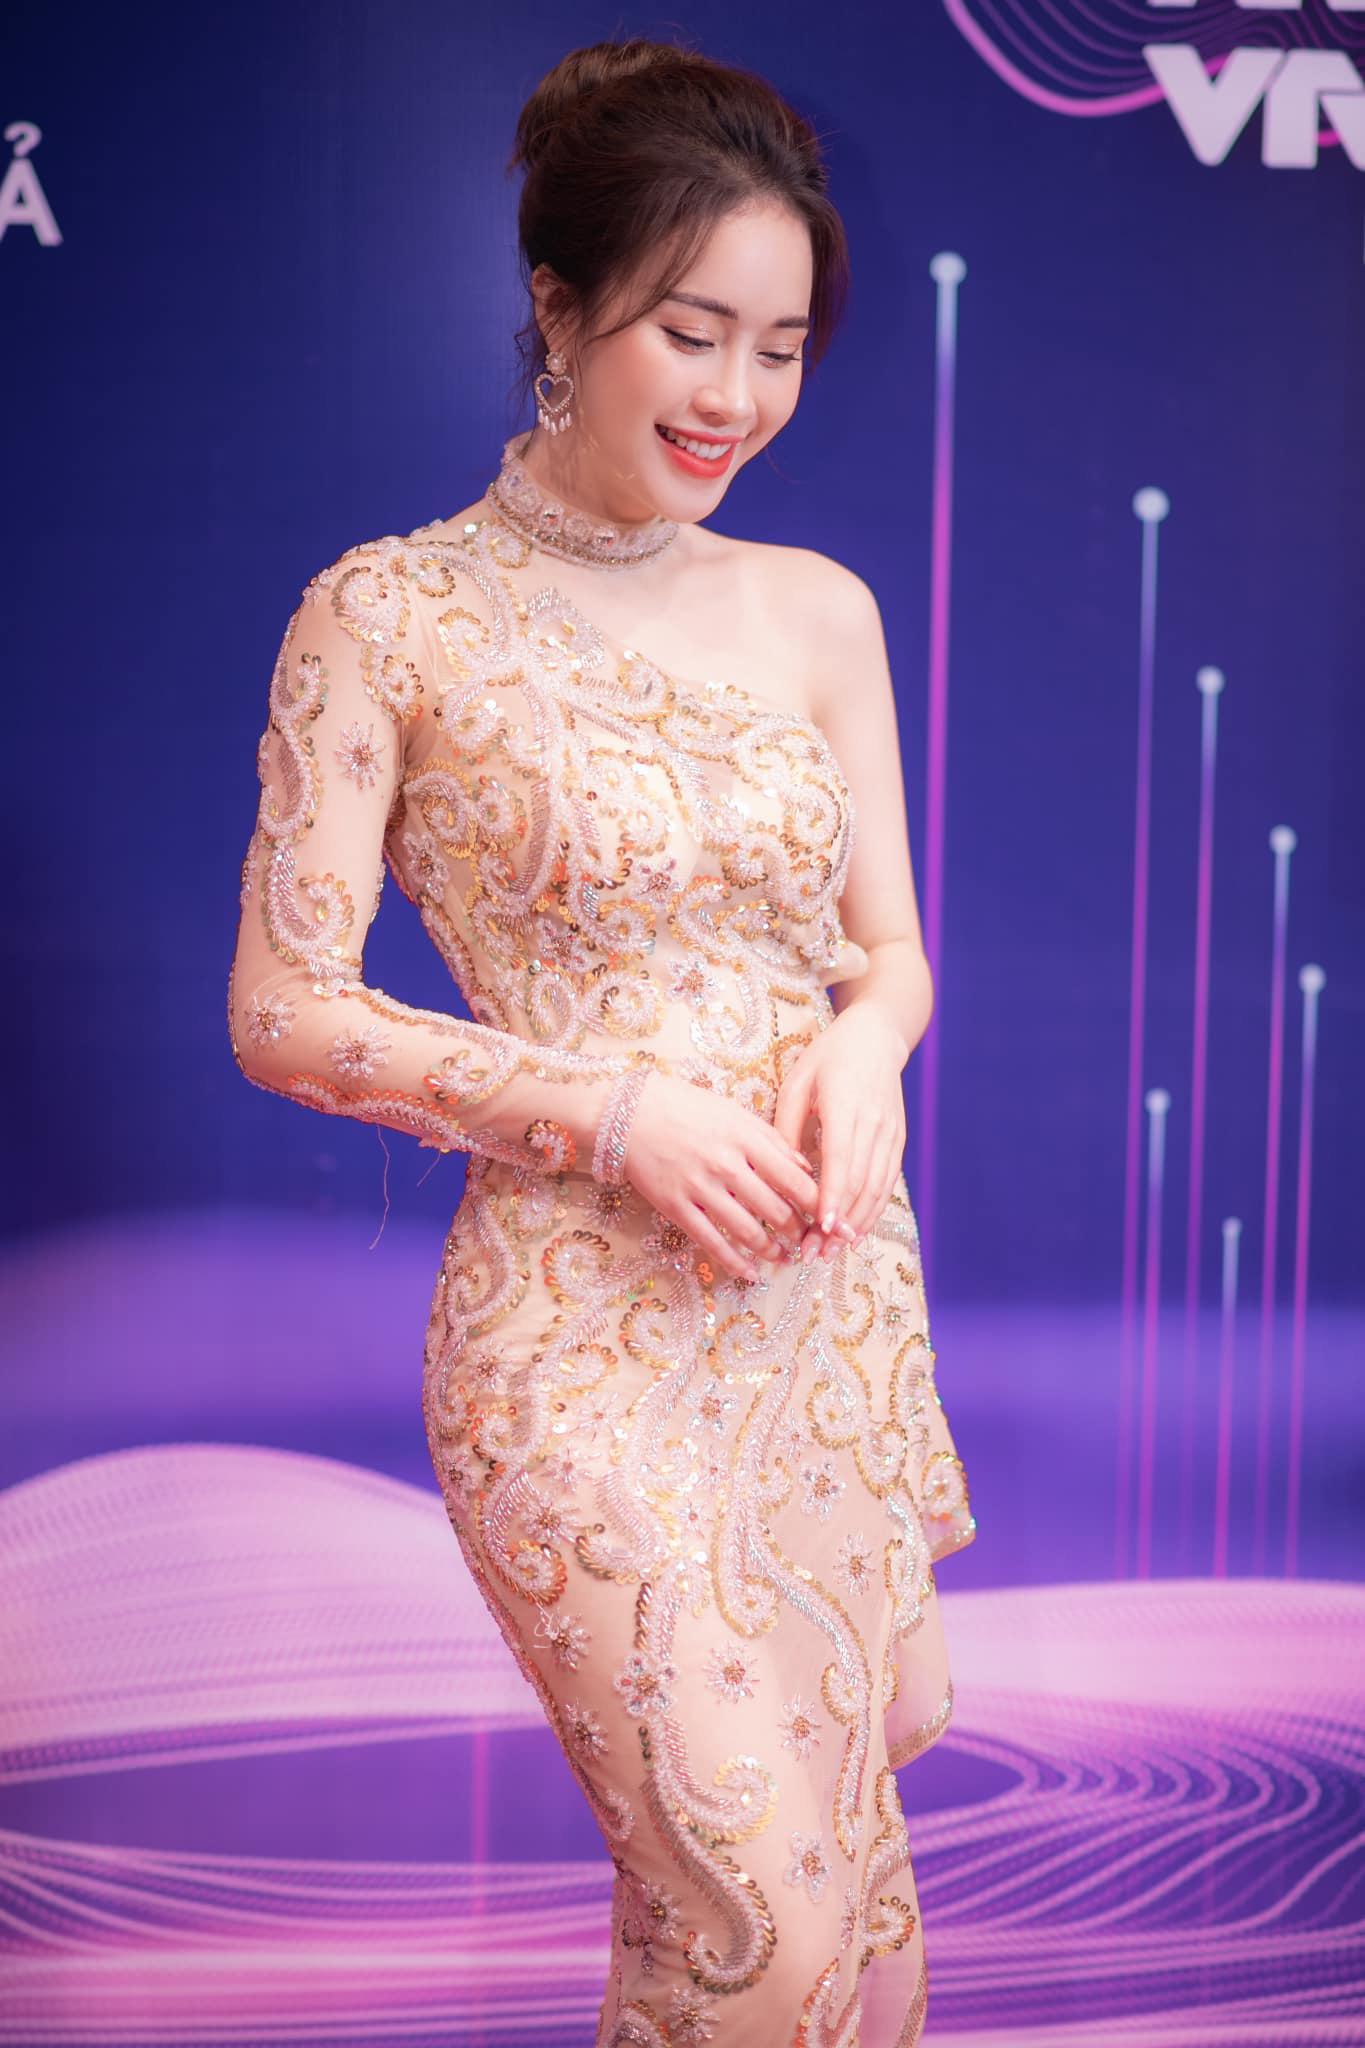 Nữ MC VTV xinh đẹp tựa nữ thần bỗng nhiên là thí sinh Hoa hậu Việt Nam 2020 vì lý do không ngờ là ai? - Ảnh 4.